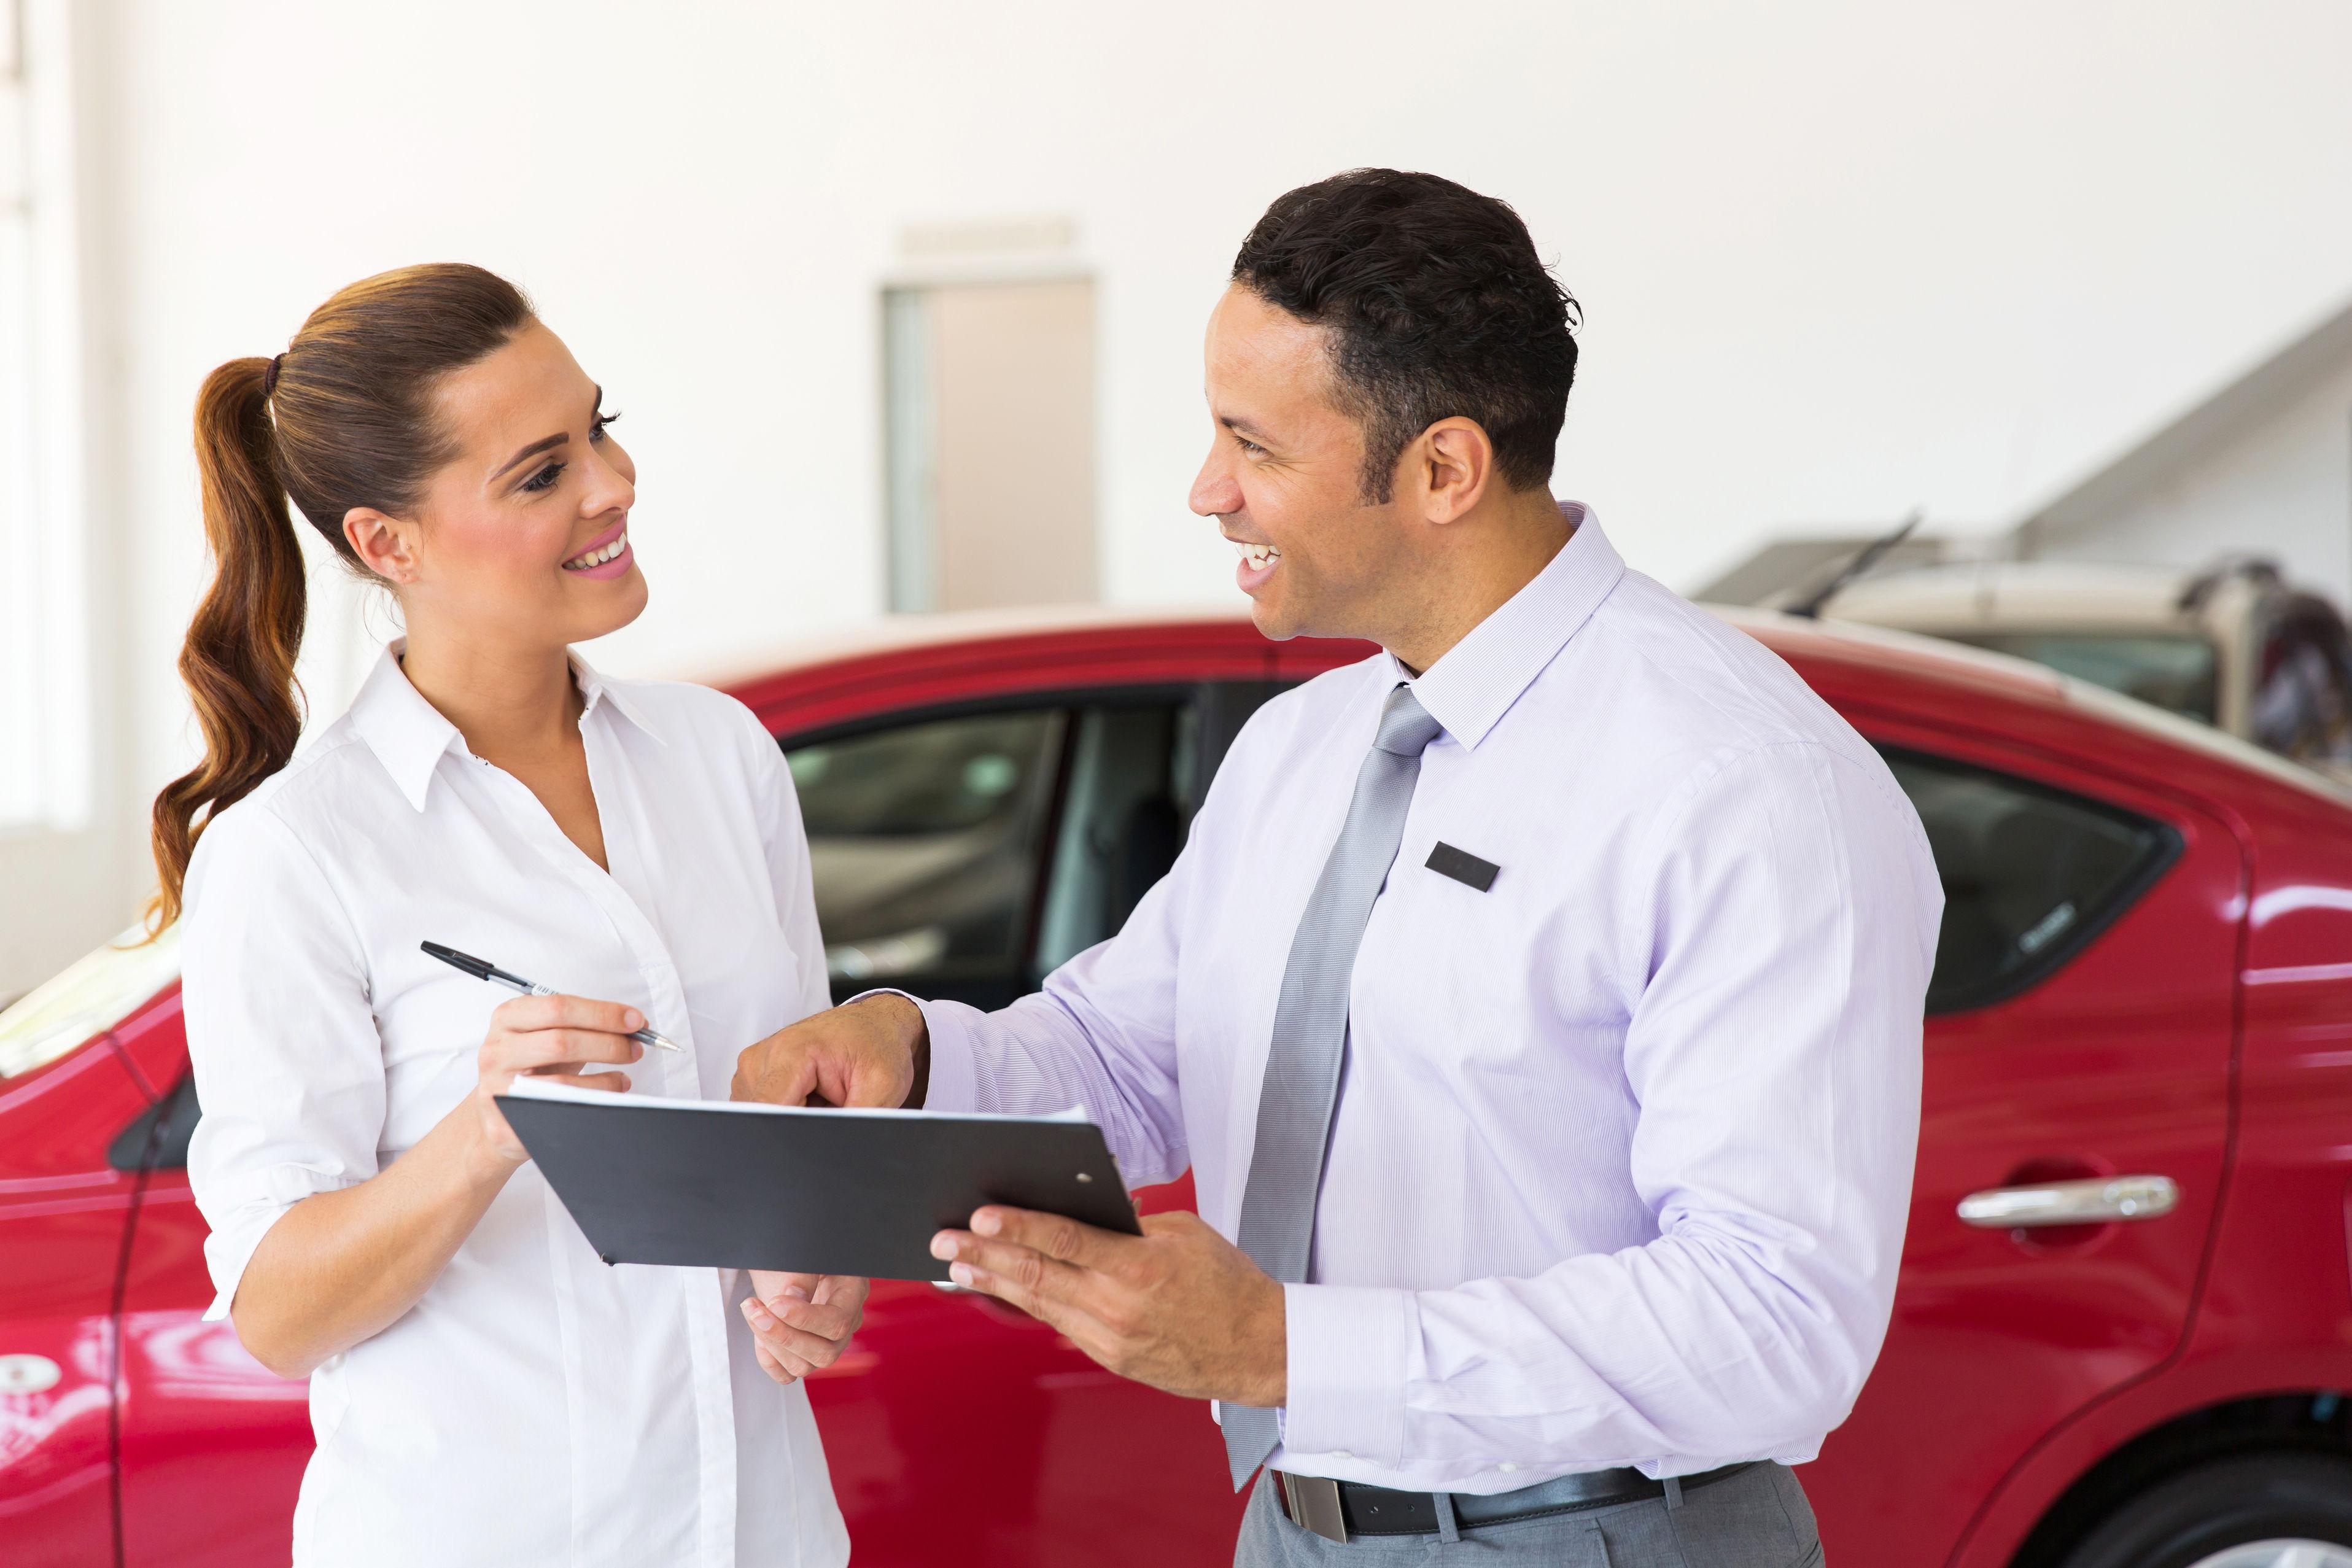 Carta de Crédito no Consórcio: O que é e como funciona?